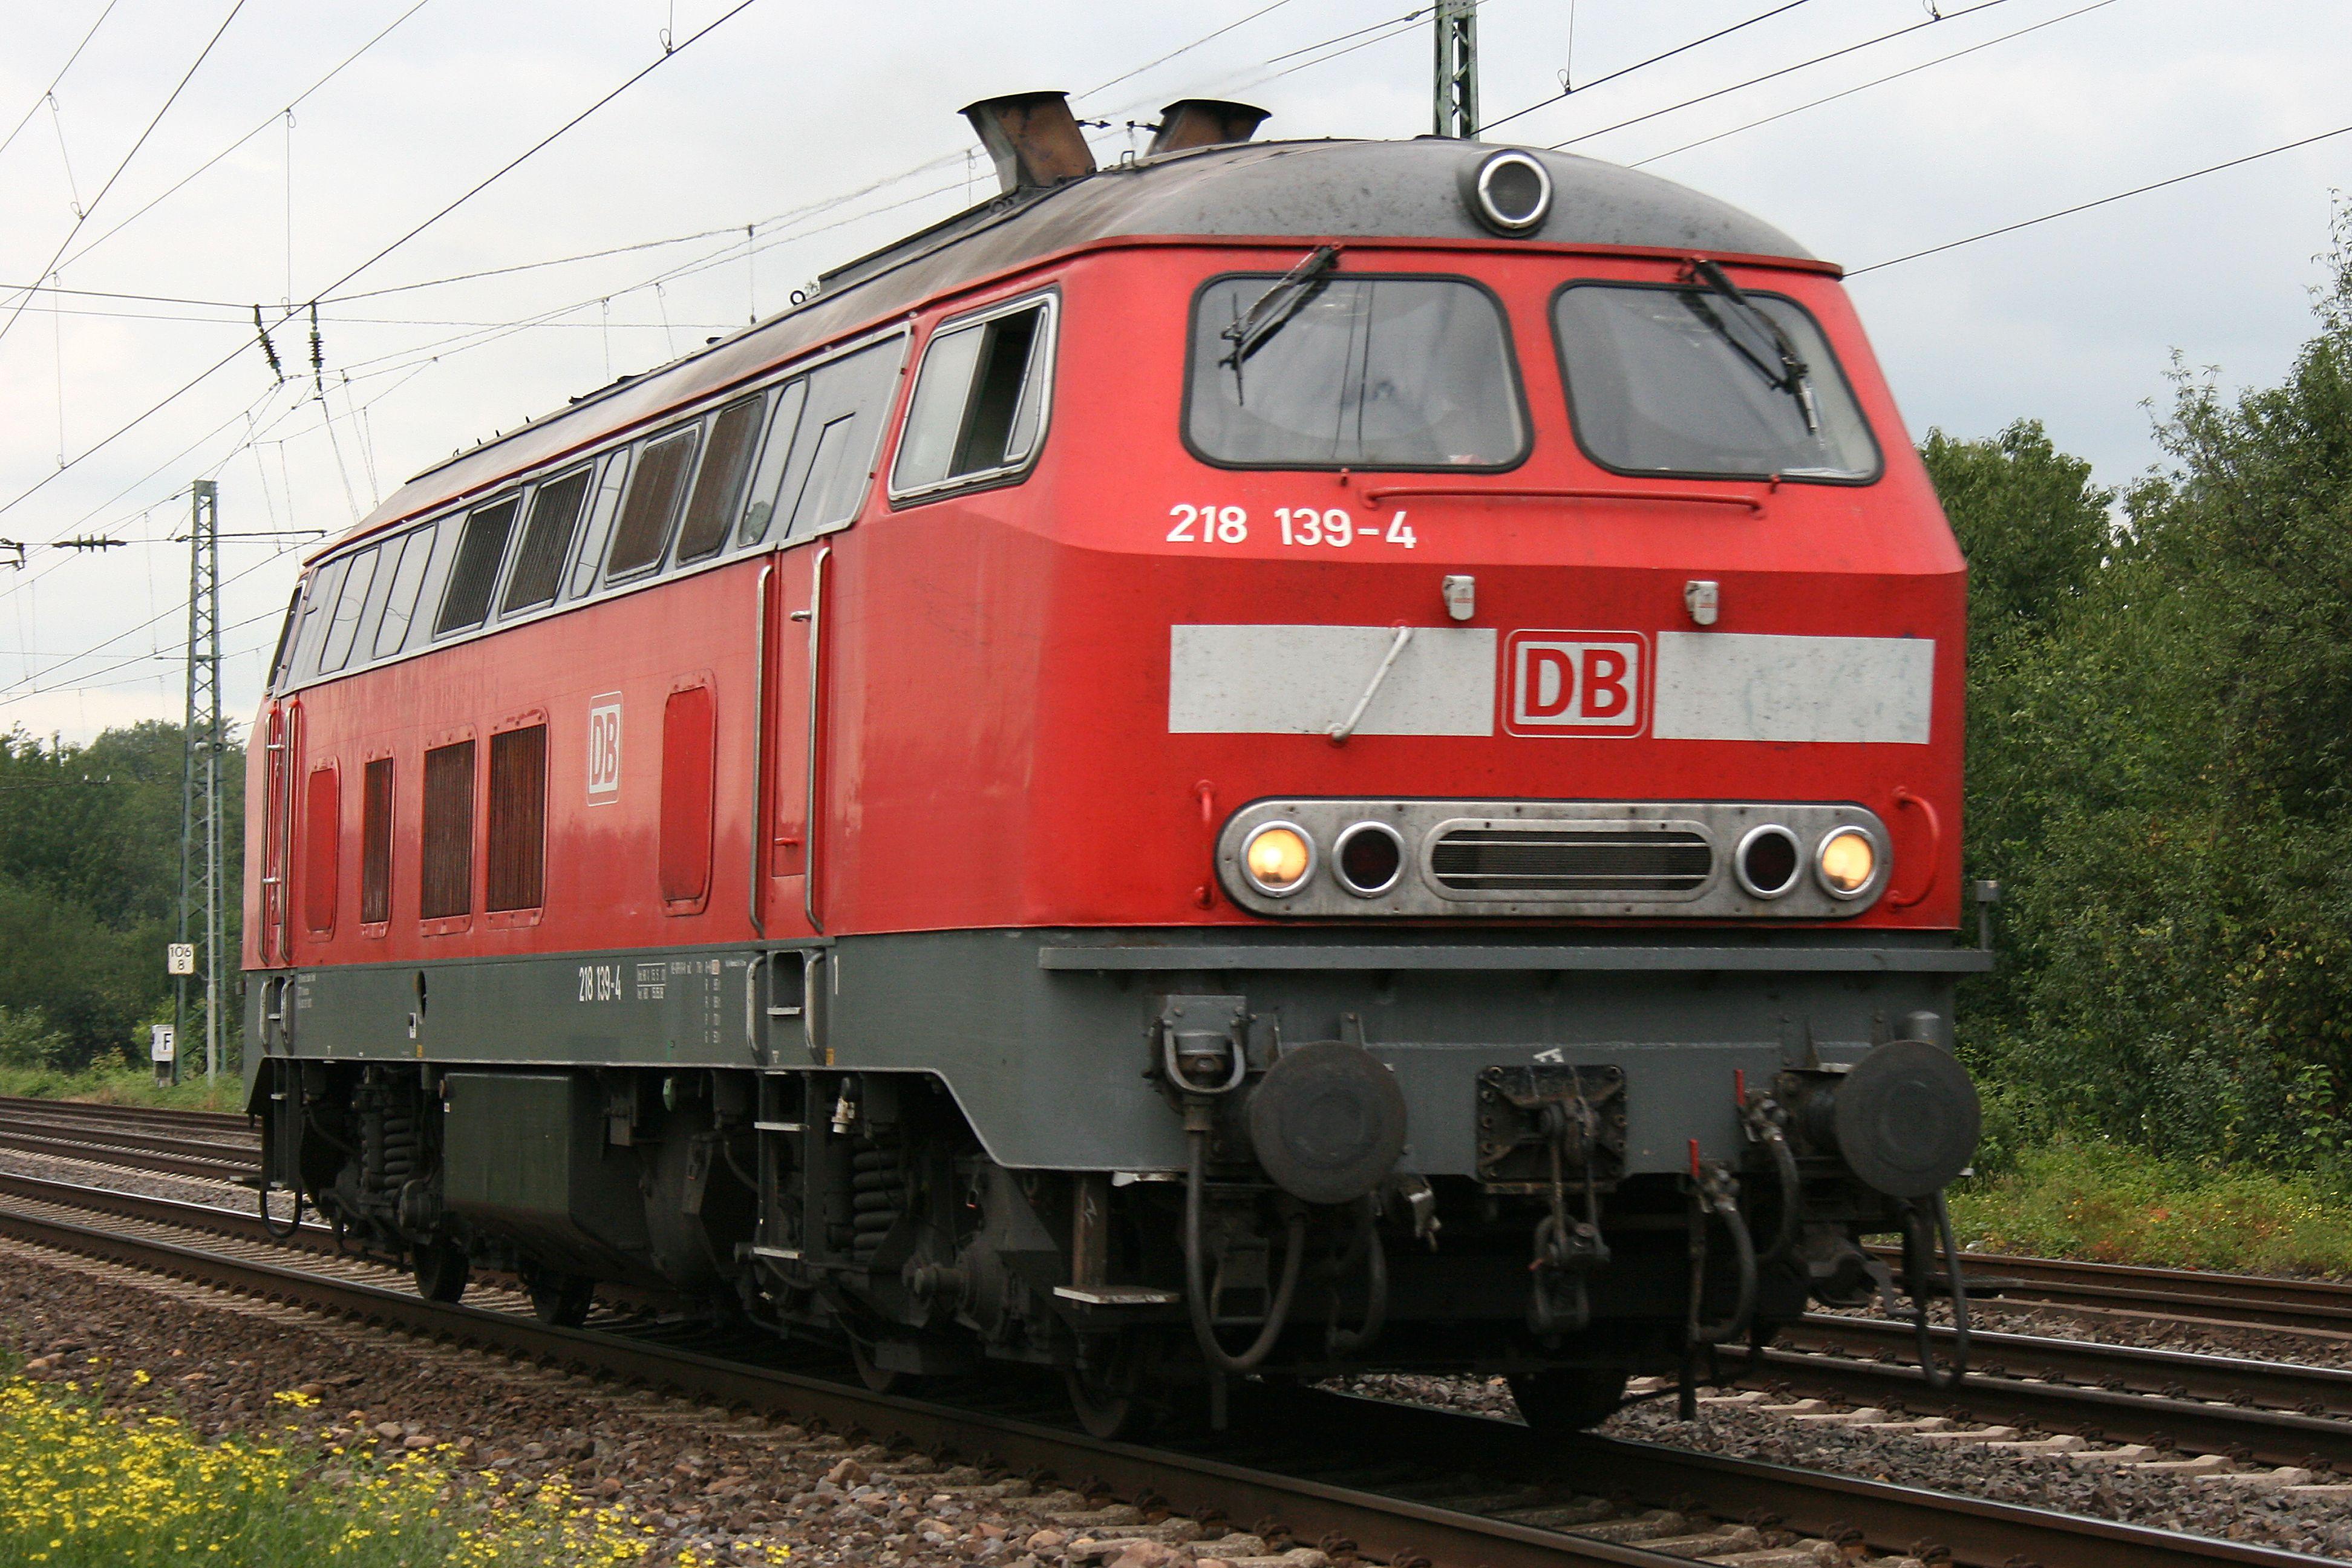 DB Germany diesel loc Baureihe_218_1394. 鉄道, 交通